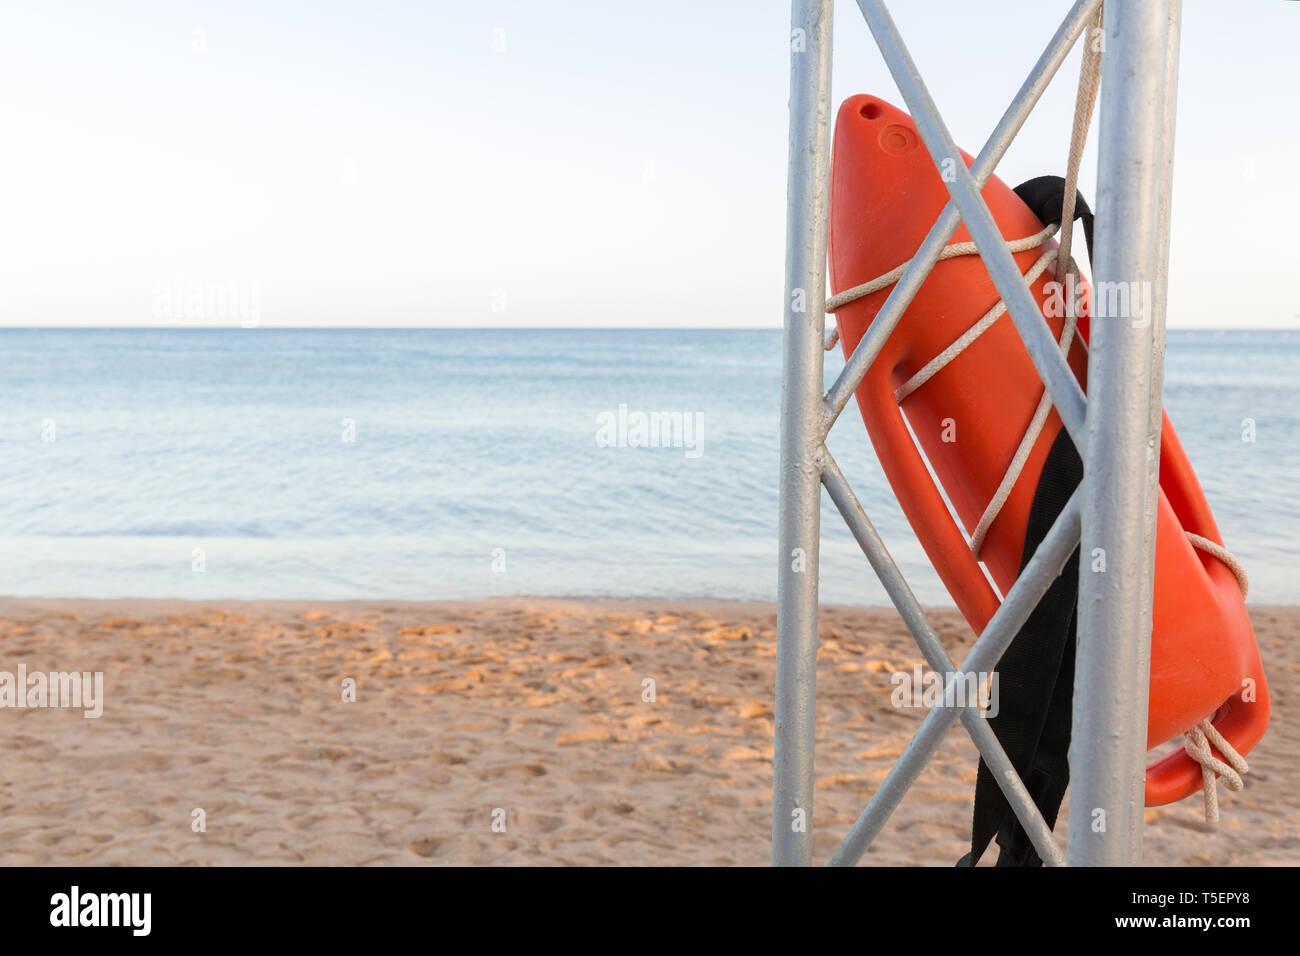 bbbf447304477c Lifeguard tower con boa arancione sulla spiaggia di boa di salvataggio sul  ferro rescue post.